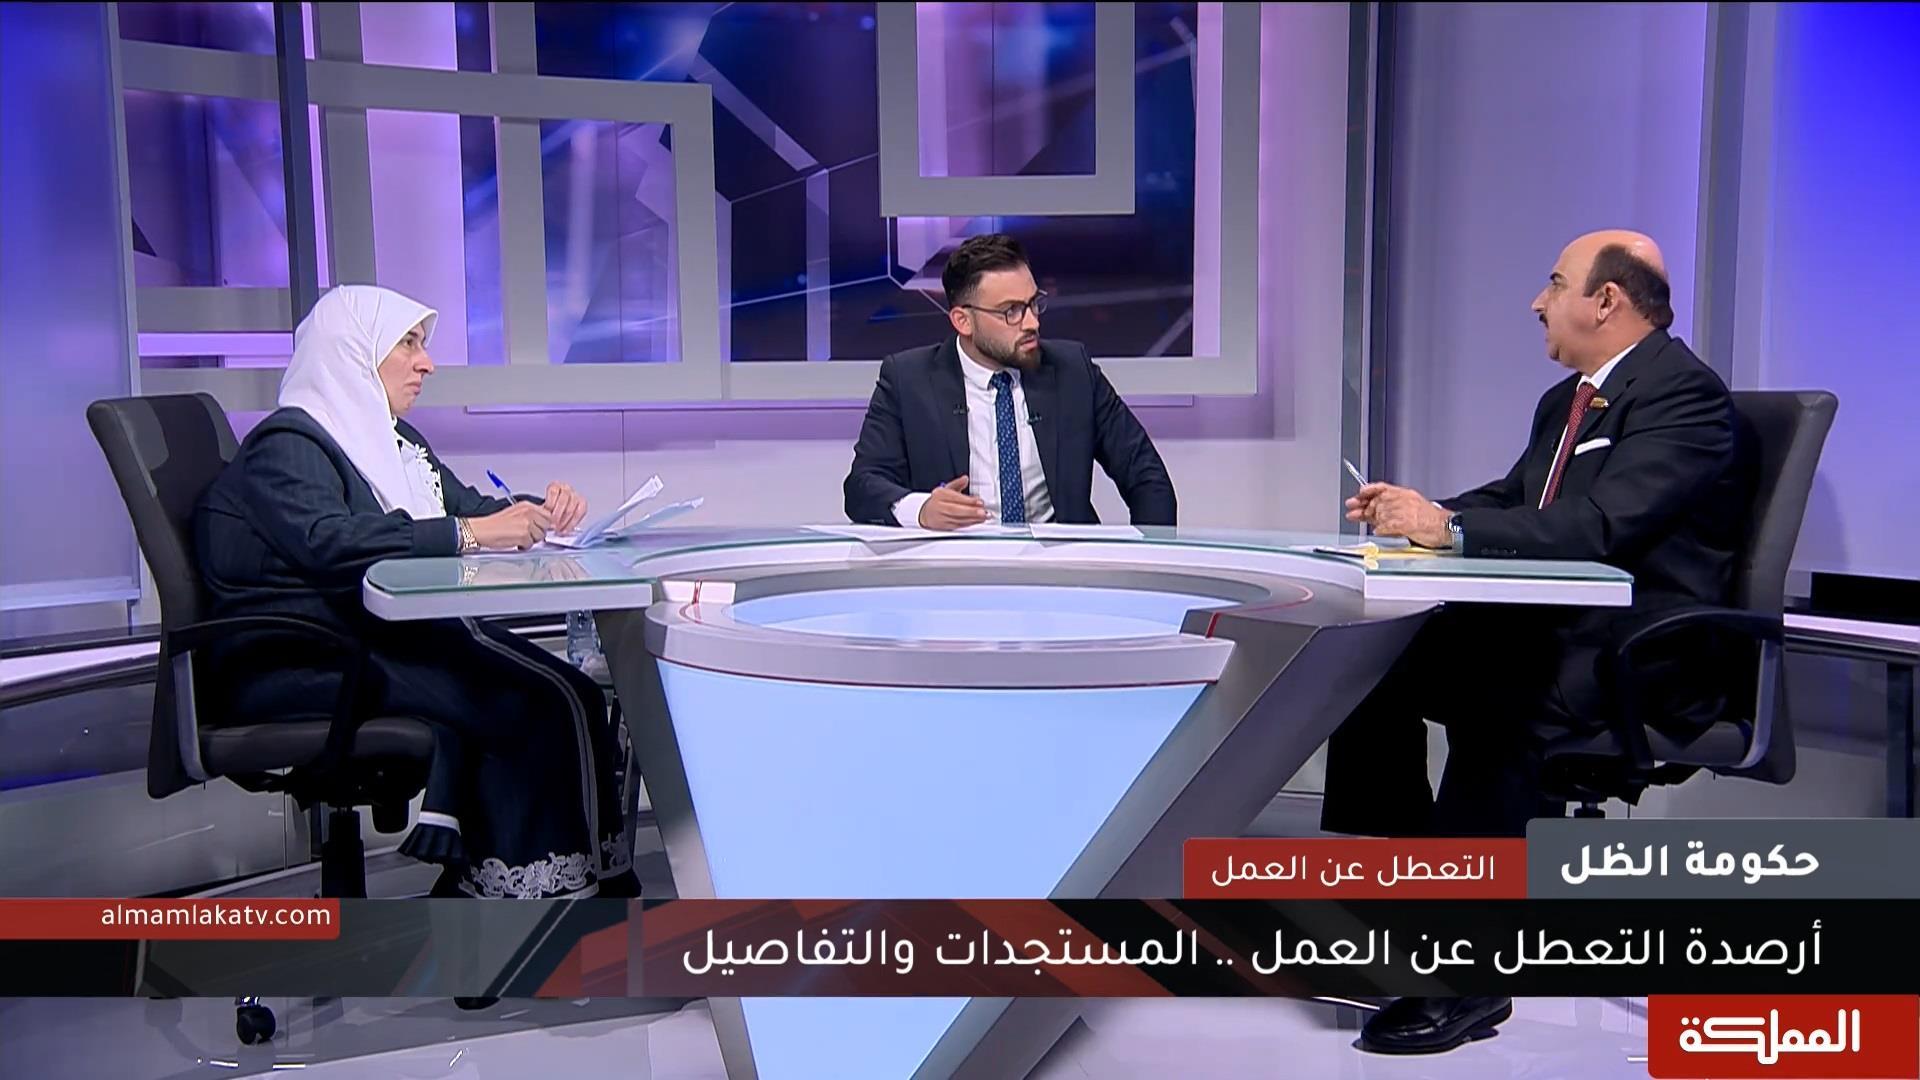 حكومة الظل | أرصدة التعطل عن العمل ... المستجدات والتفاصيل